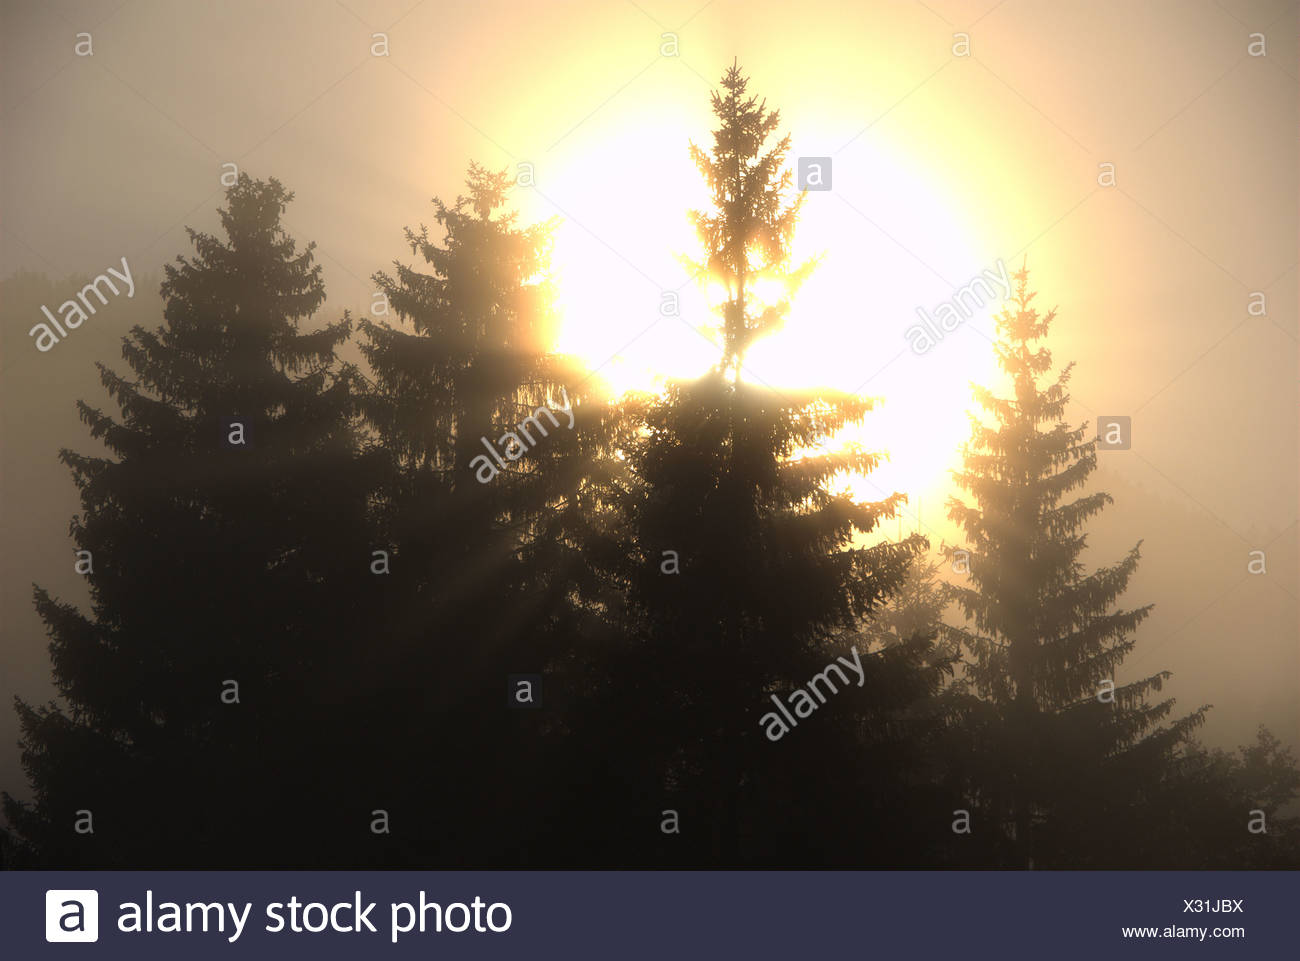 Deutschland Europa Schwarzwald Titisee Holz Wald Sonnenaufgang Bäume Nebel Nebel Sonne Aureole Corona Stimmung der Abenddämmerung twi Stockbild